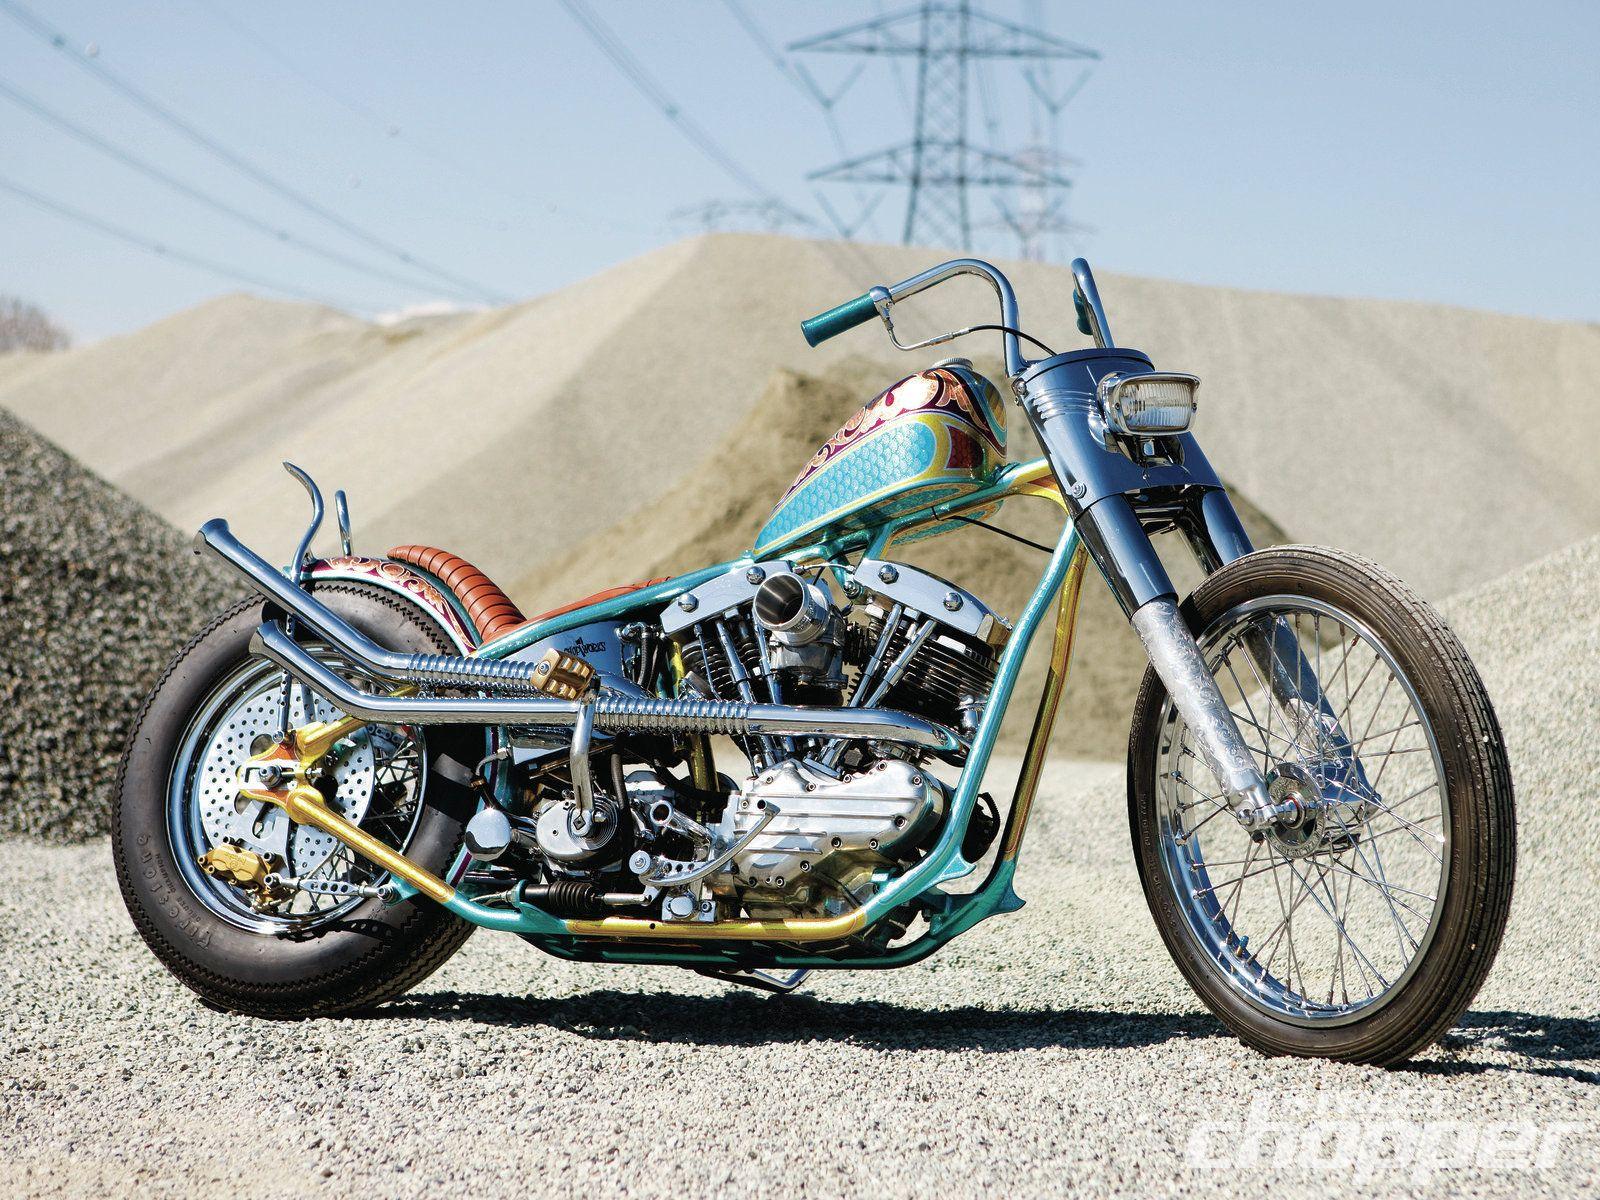 Harley davidson choppers 1969 harley davidson pan shovel chopper